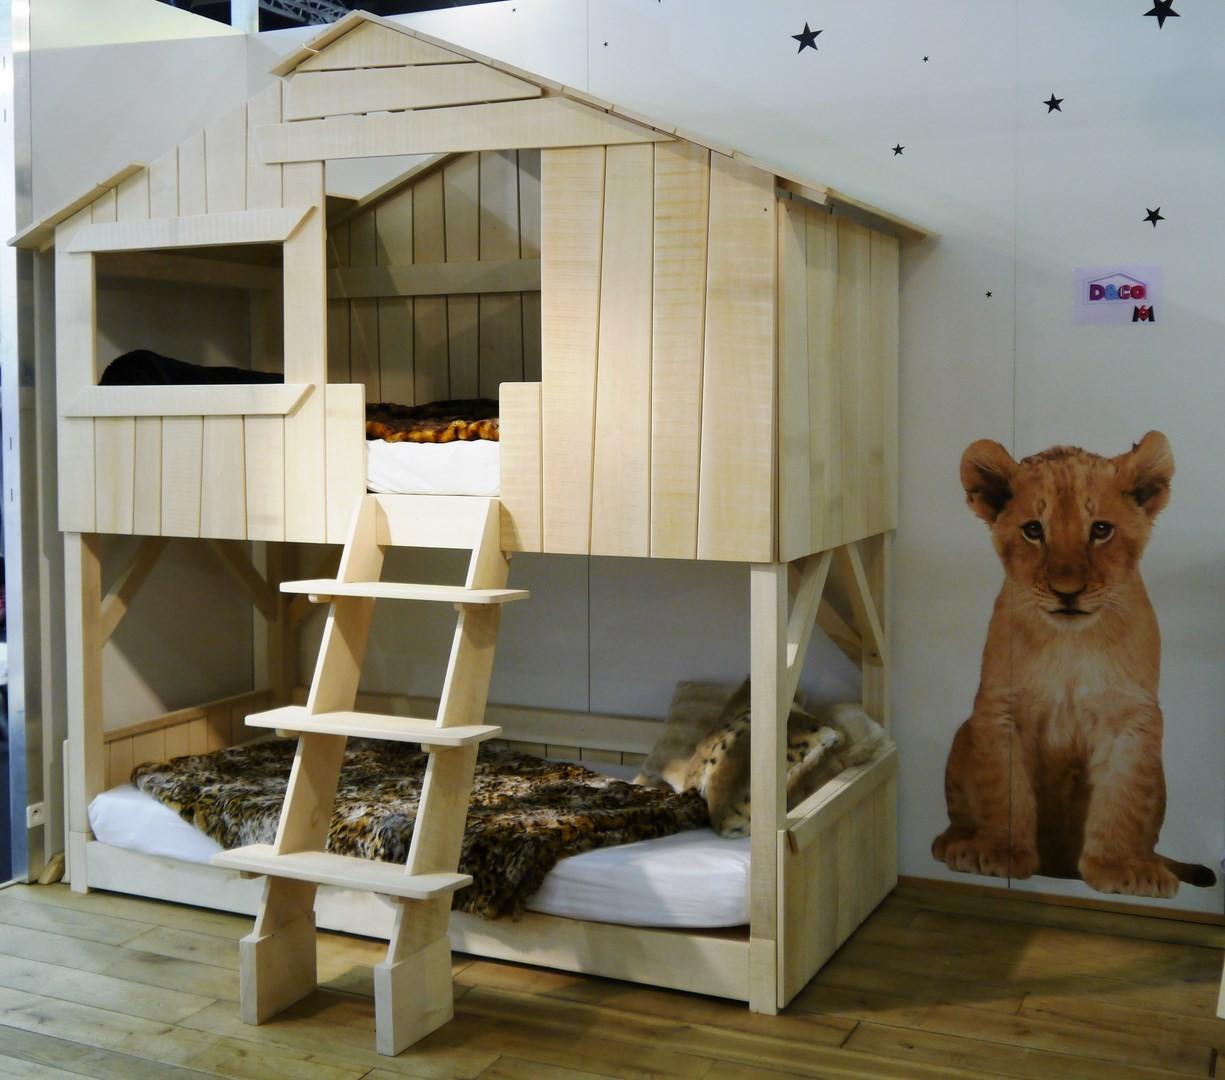 lit cabane enfant double couchage en bois vernis naturel. Black Bedroom Furniture Sets. Home Design Ideas